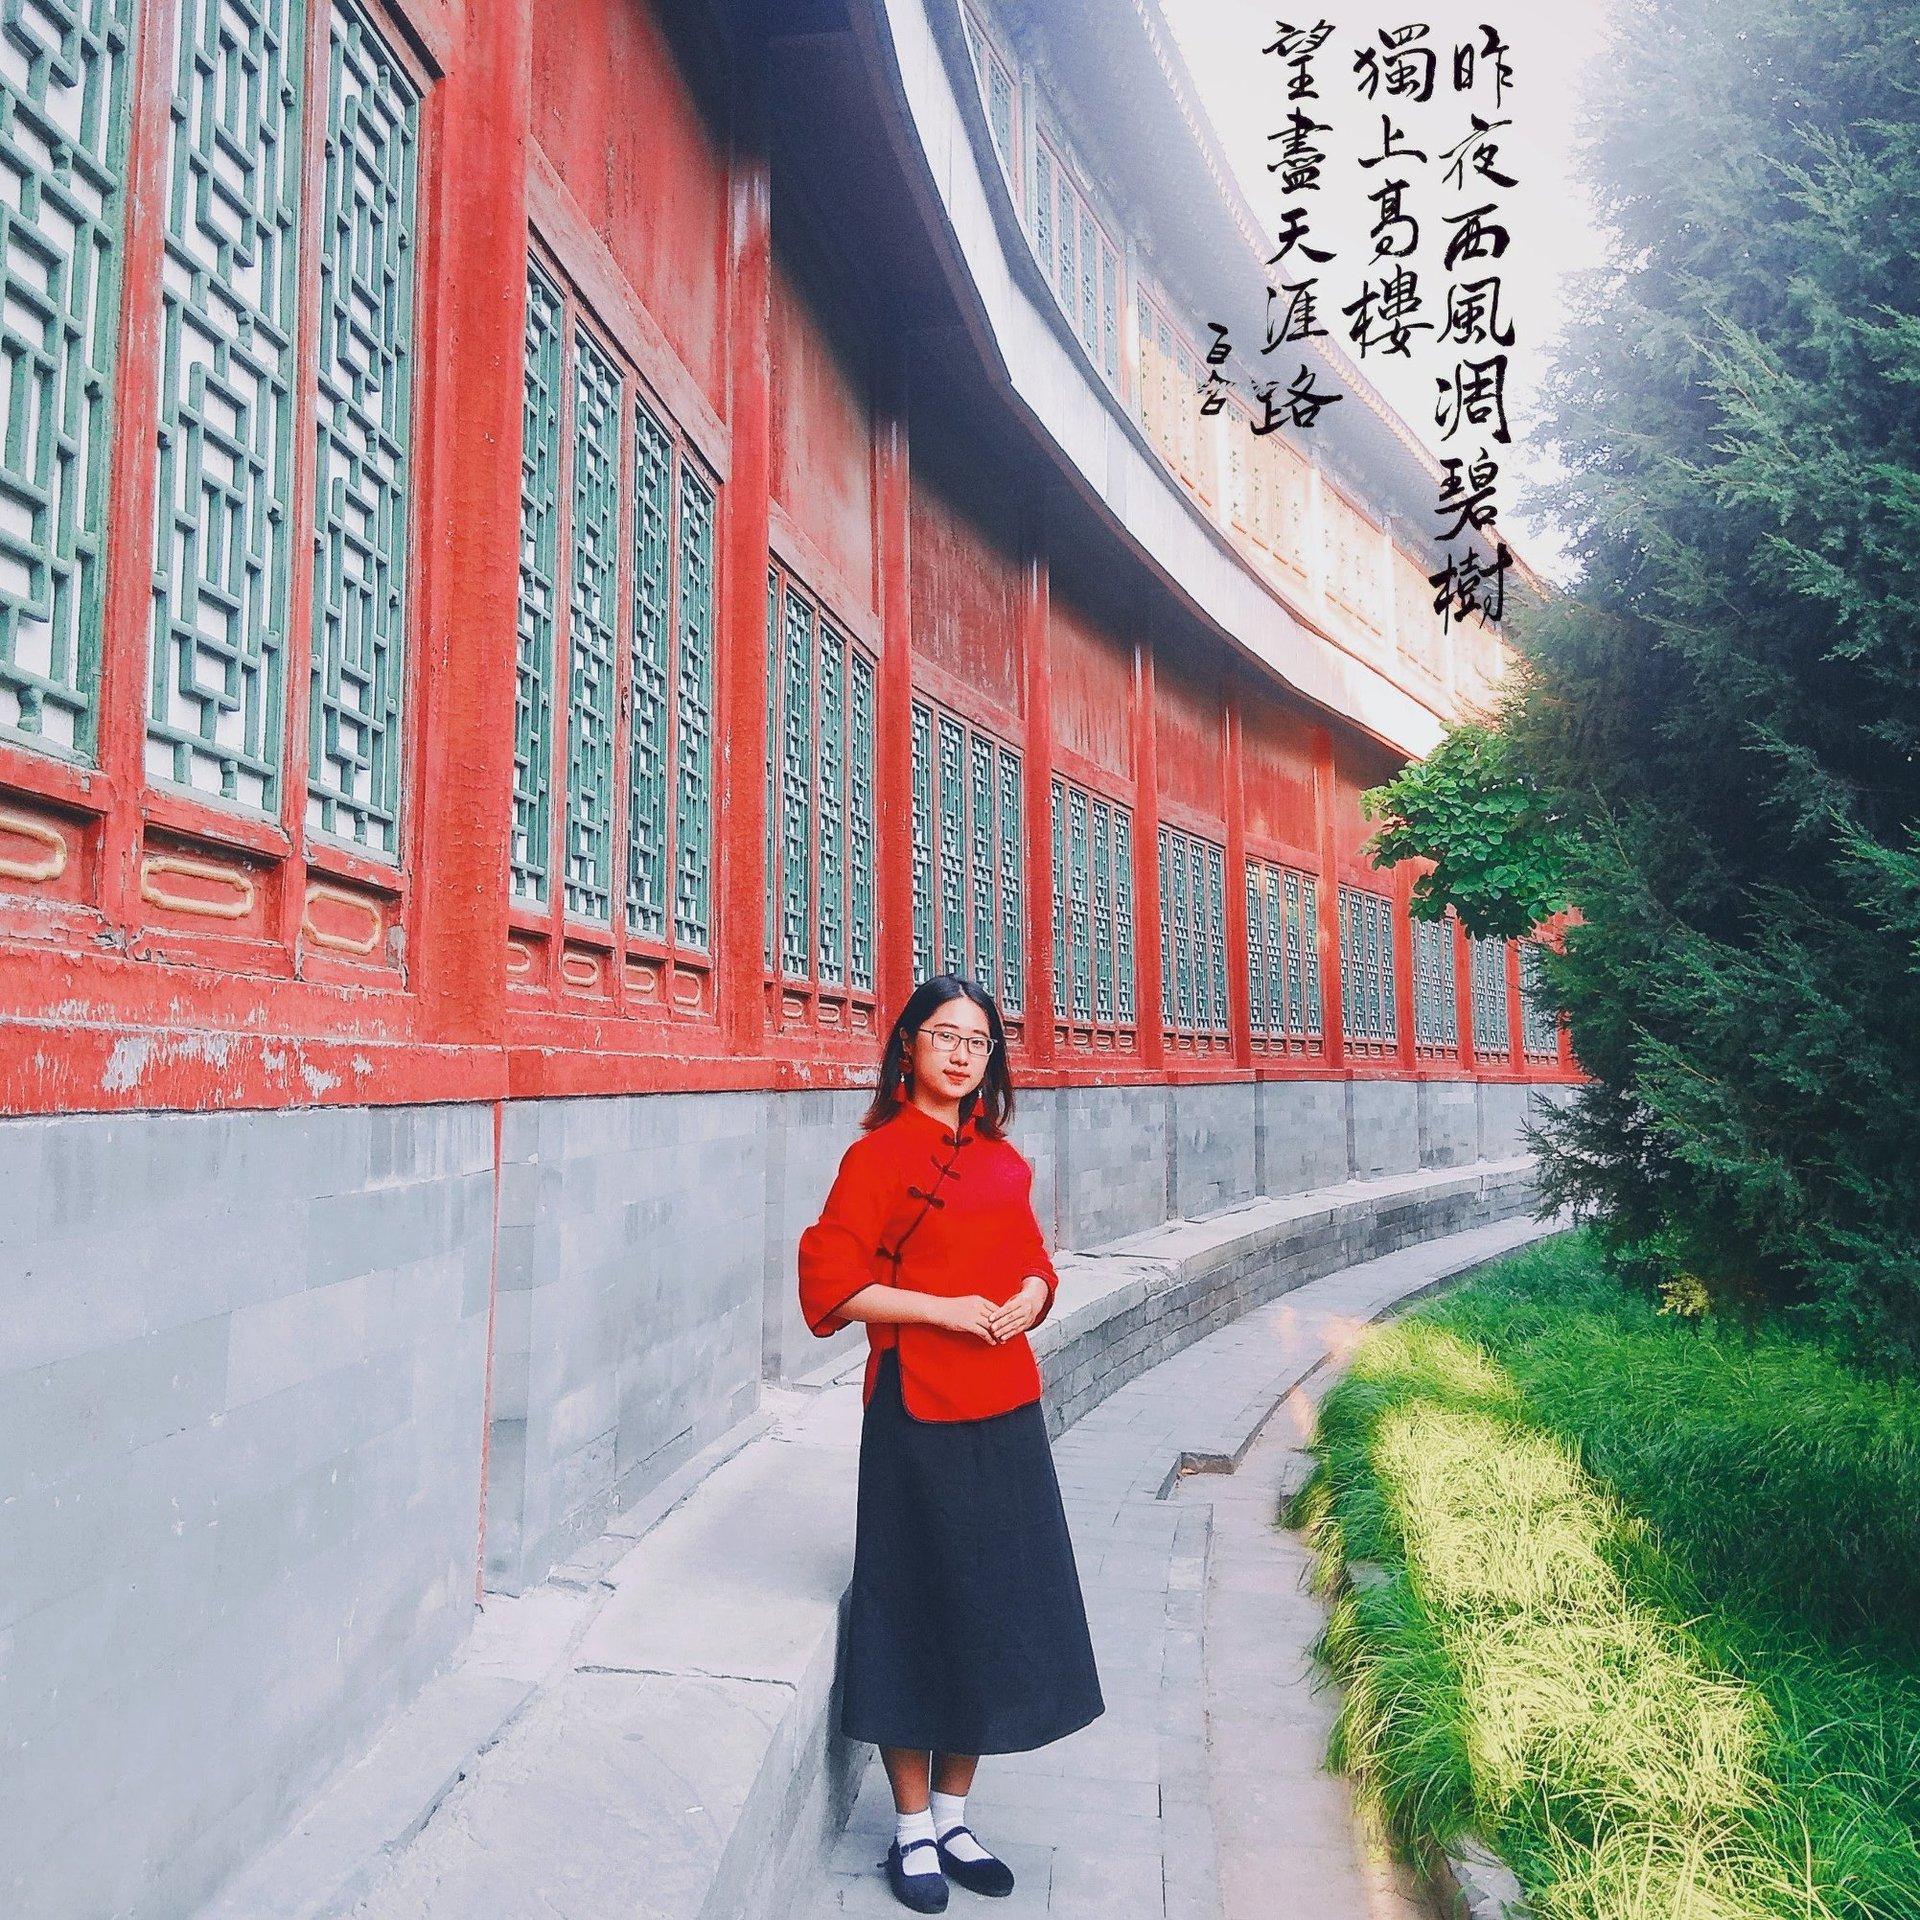 Thỉnh kinh Nam Ninh - Thiên Tân - Bắc Kinh tự túc Thumbnail